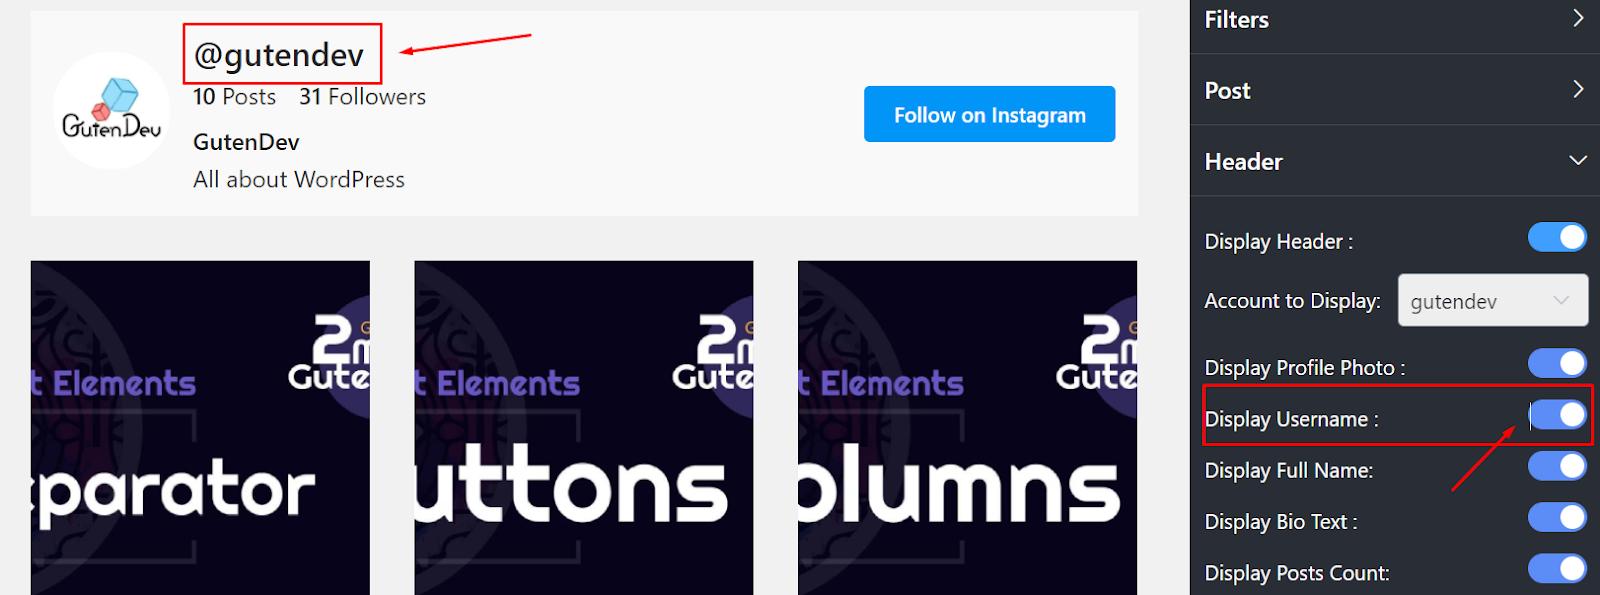 Instagram settings display username